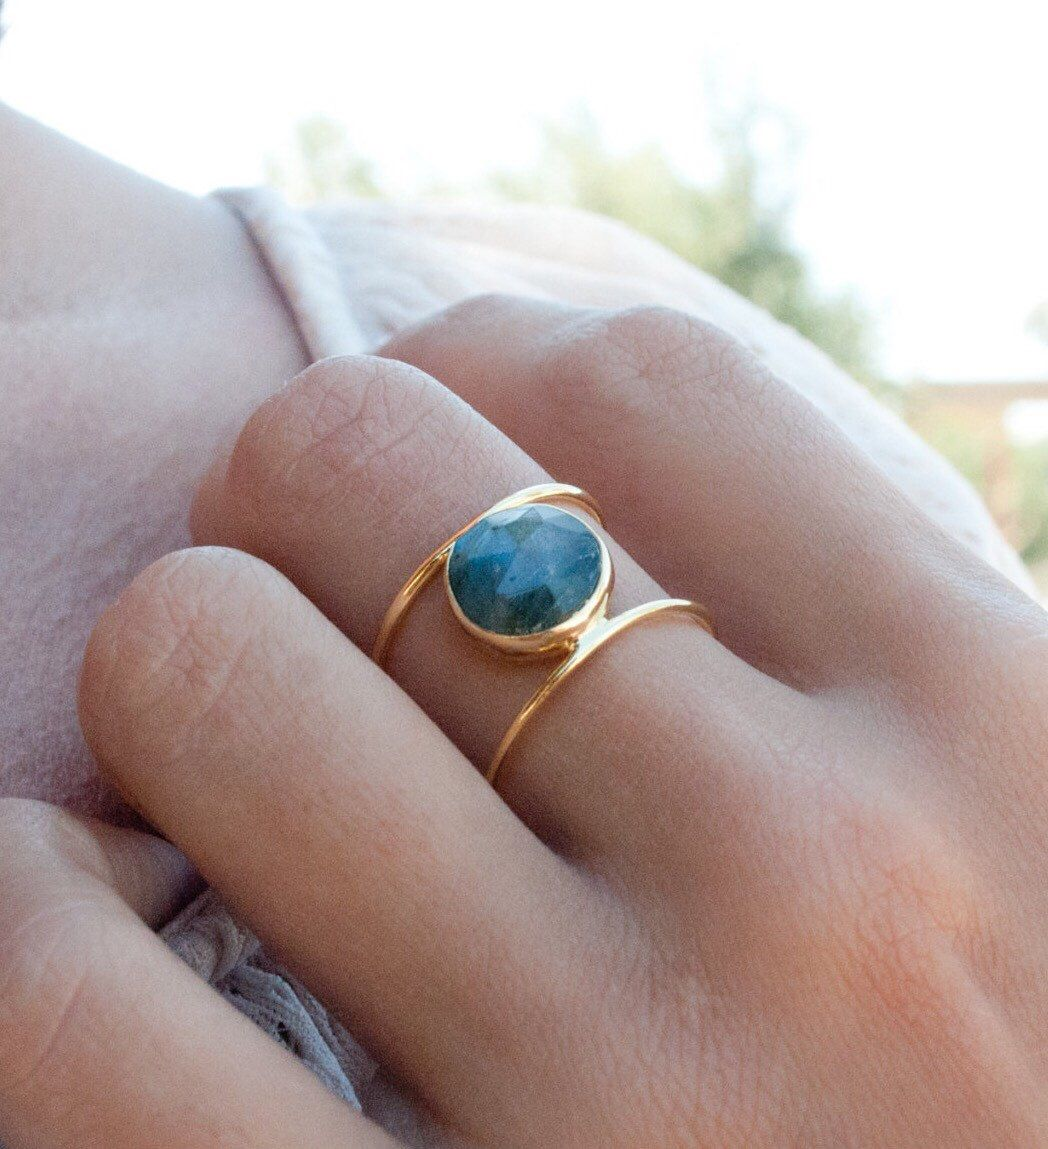 labradorite wedding ring Labradorite Ring Gold Ring Statement Ring Gemstone Ring Labradorite Bridal Ring Wedding Ring Organic Ring Natural